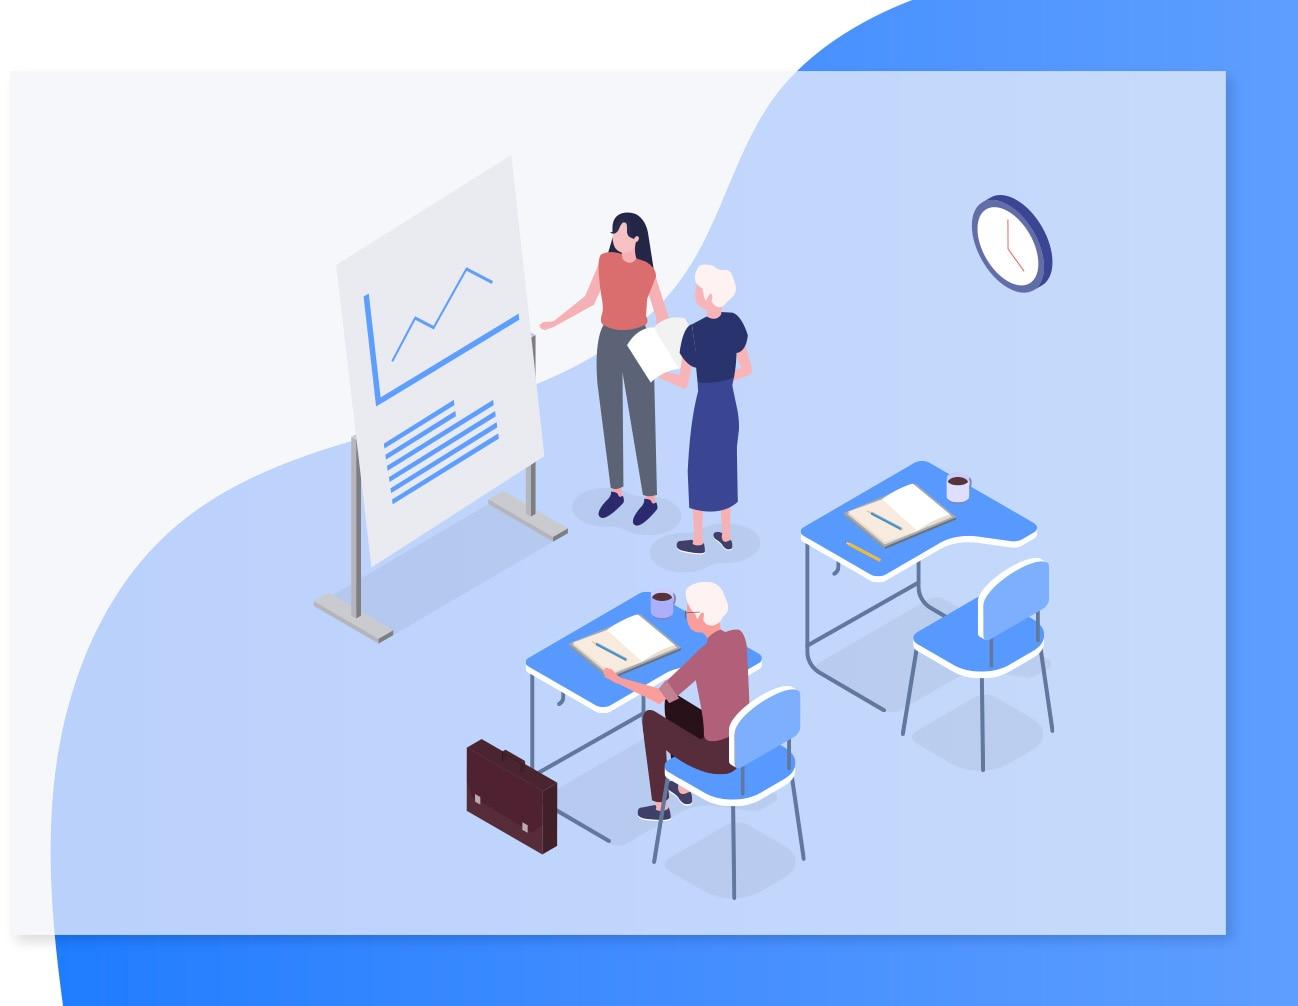 矢量图形-18款UI设计2.5D工作学习场景立体三维插画作品网页插图APP素材(15)